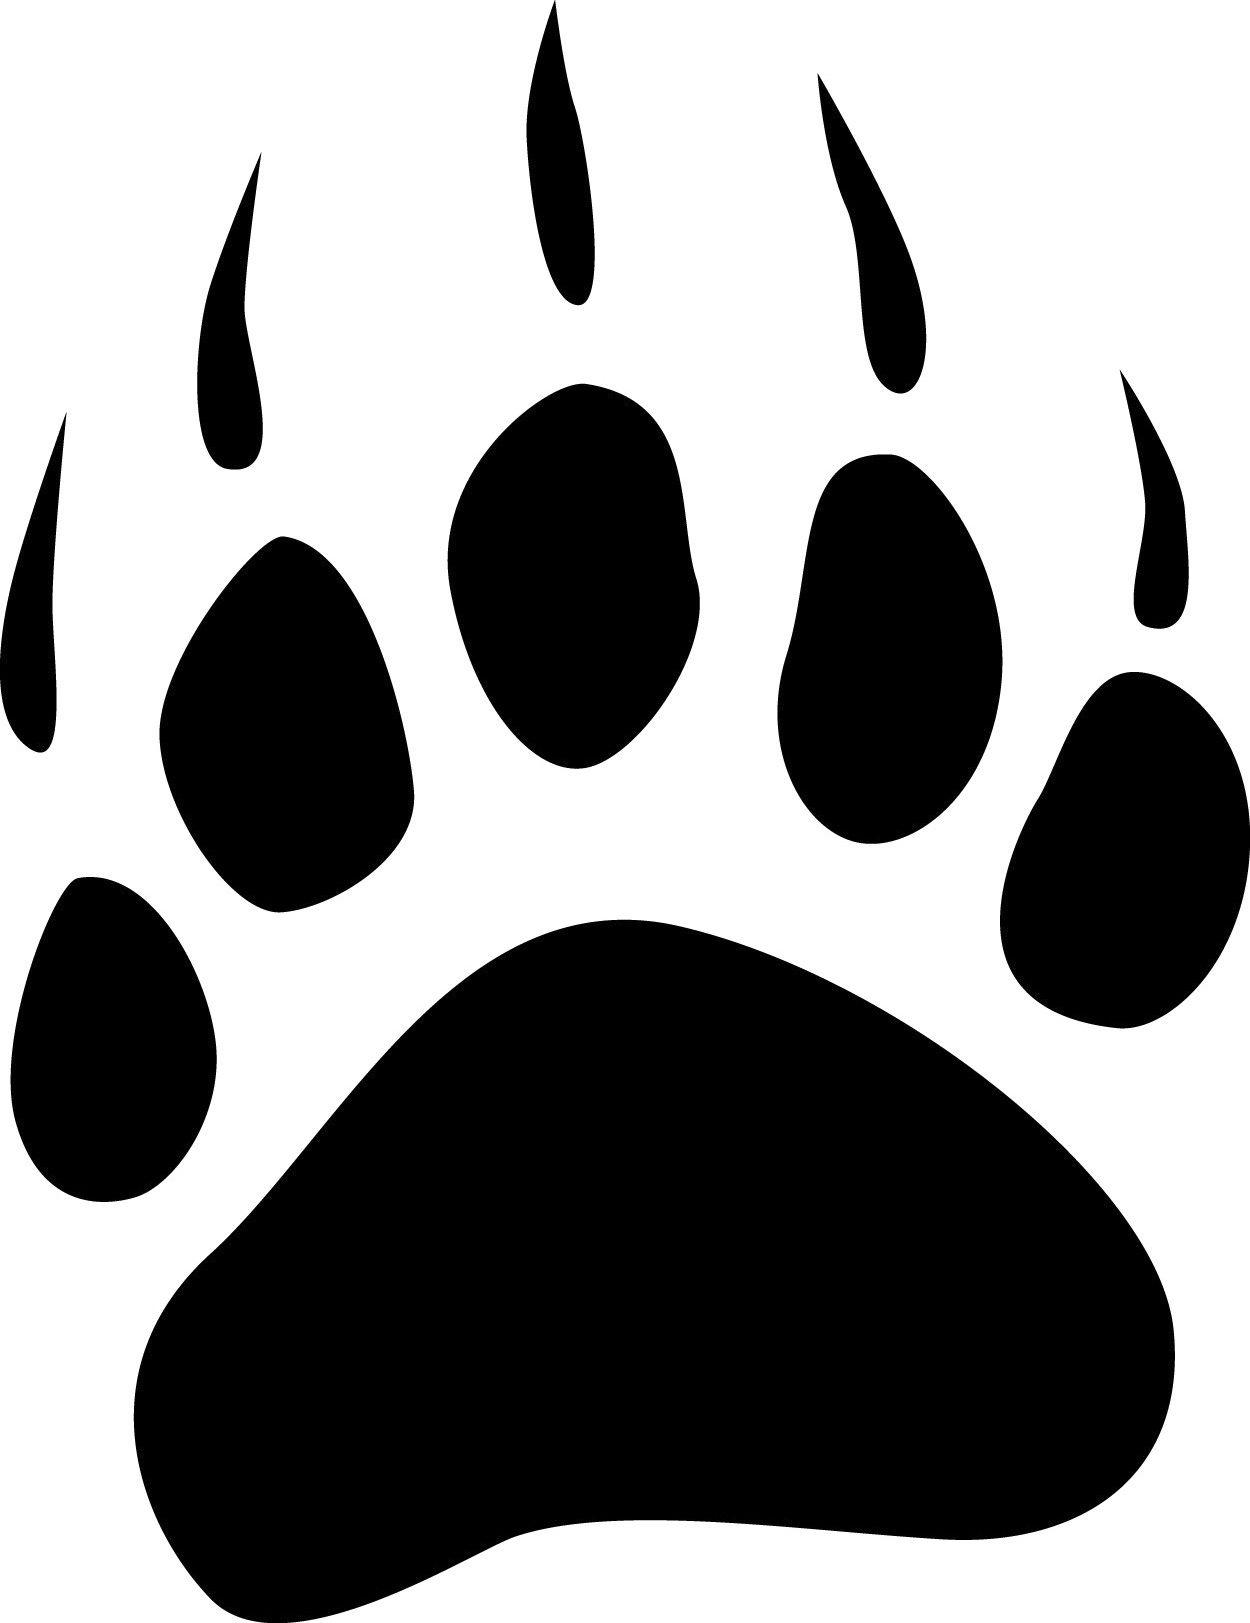 polar bear paw clipart big bear pinterest polar bear paw bear rh pinterest com teddy bear paw clipart bear paw border clipart